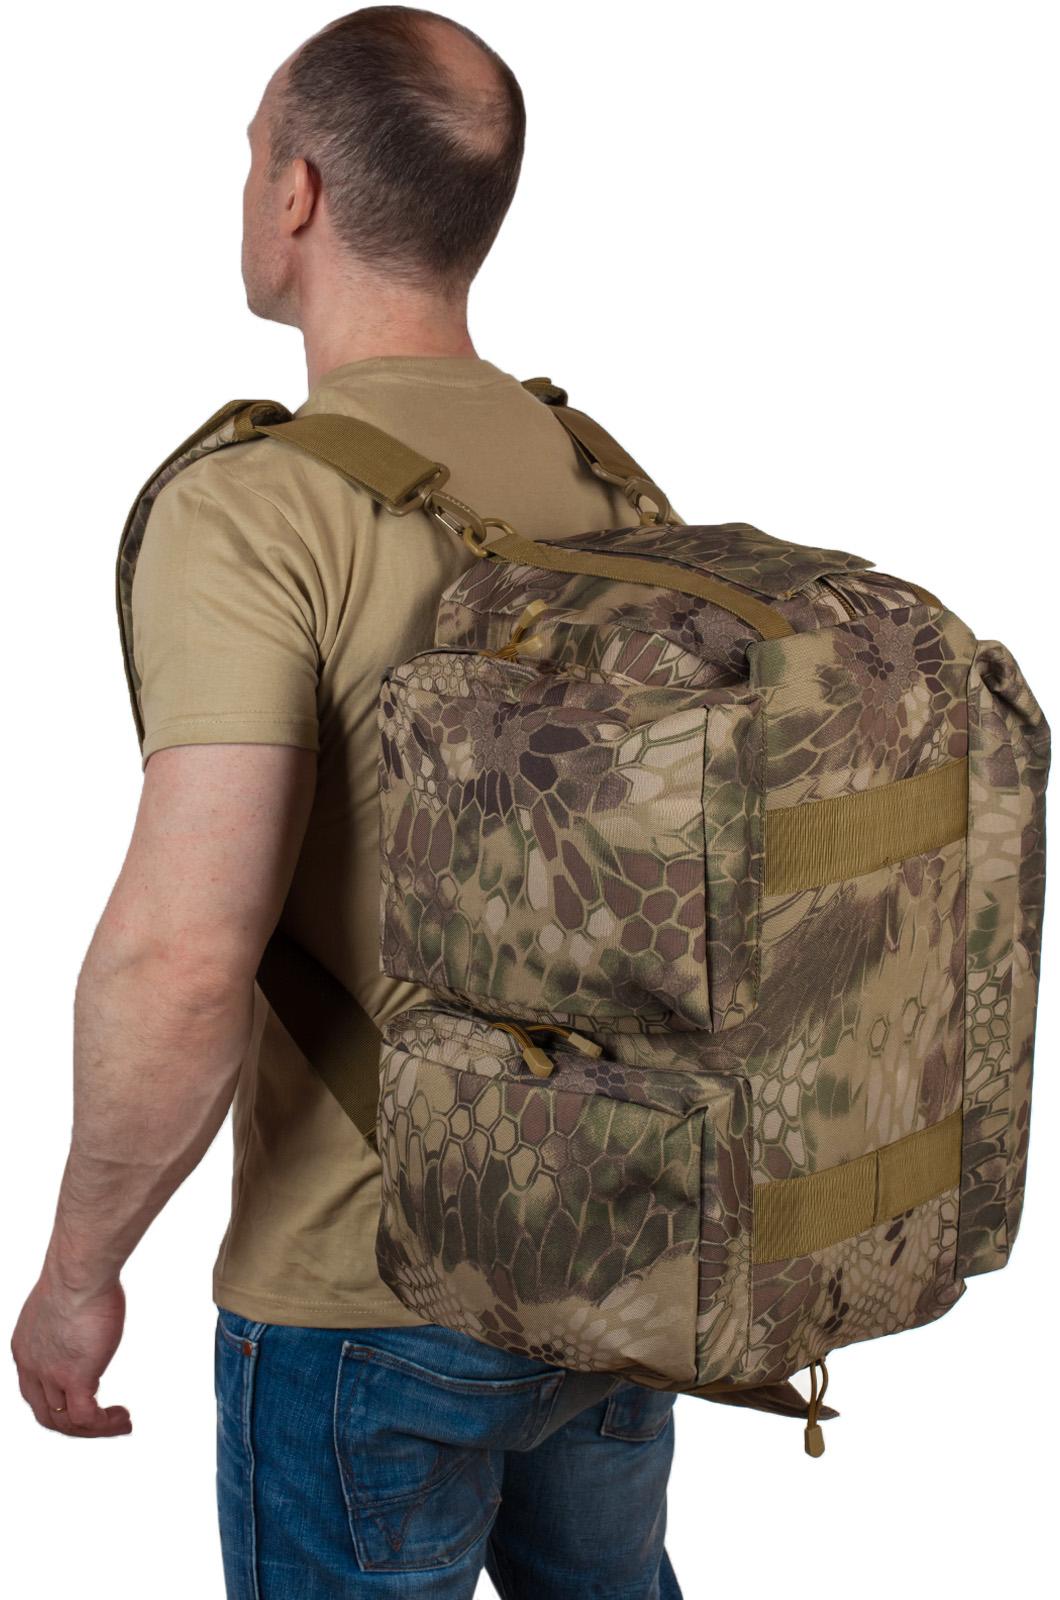 Заплечная тактическая сумка Ни пуха, Ни пера - купить по низкой цене